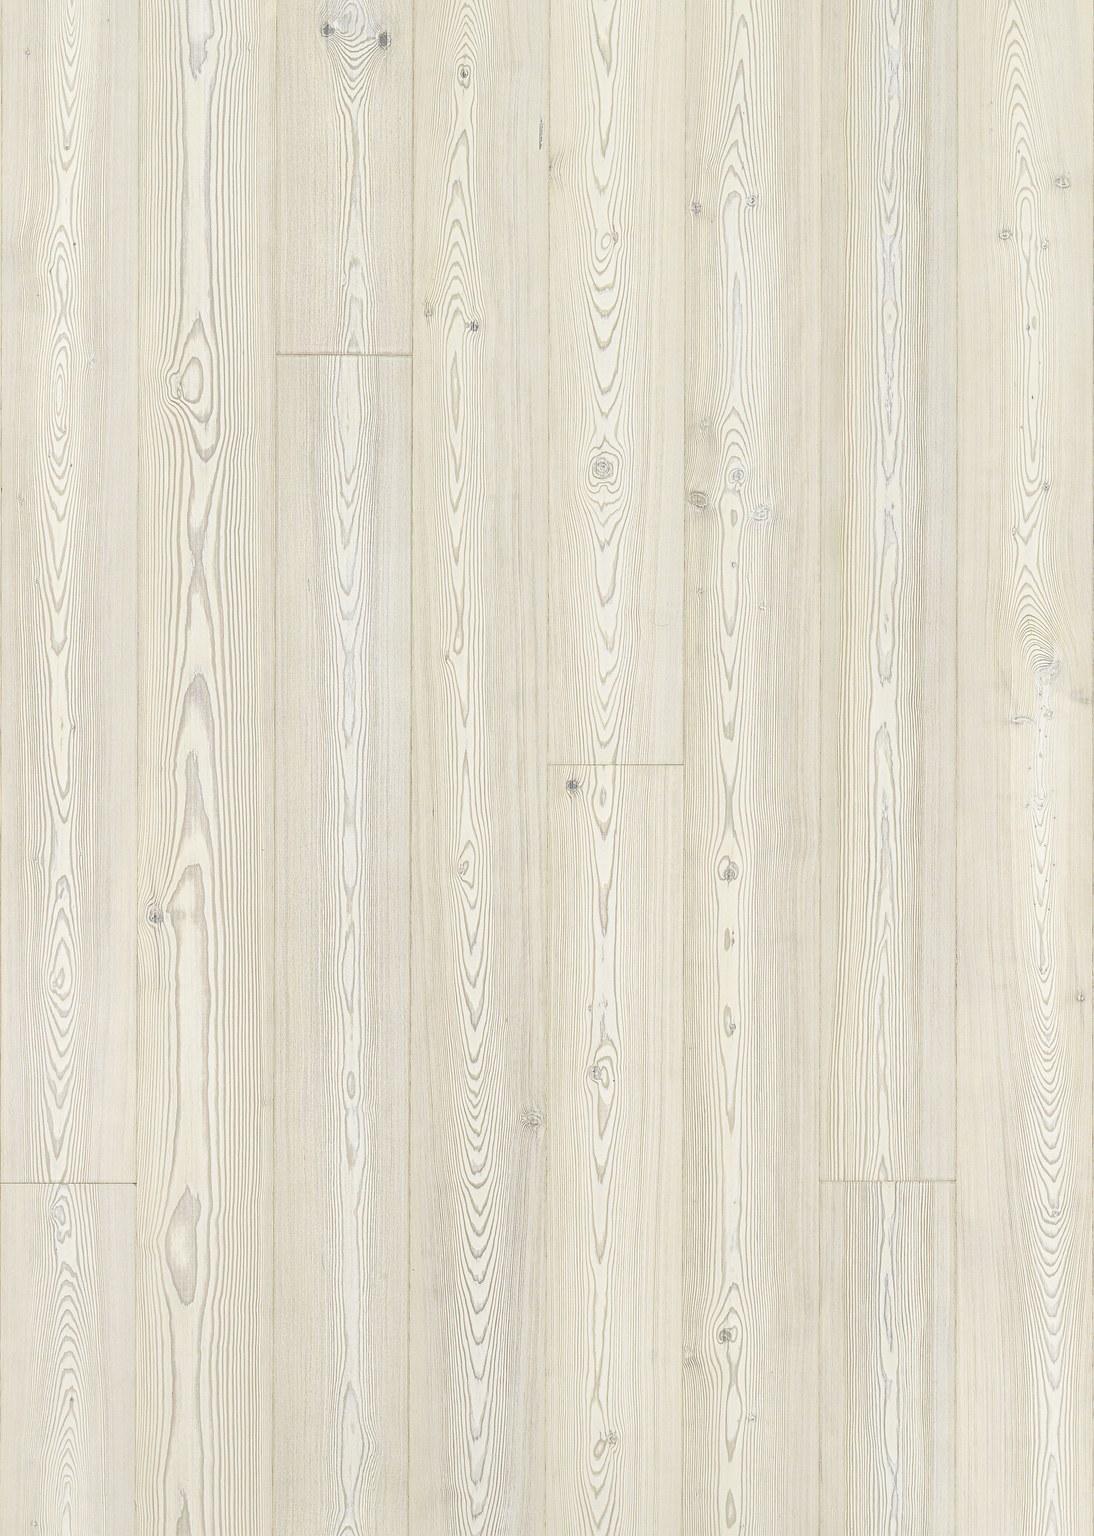 Timberwise Parketti Lankkuparketti Puulattia Wooden Floor Parquet Plank Lehtikuusi Natural Cotton 2D1